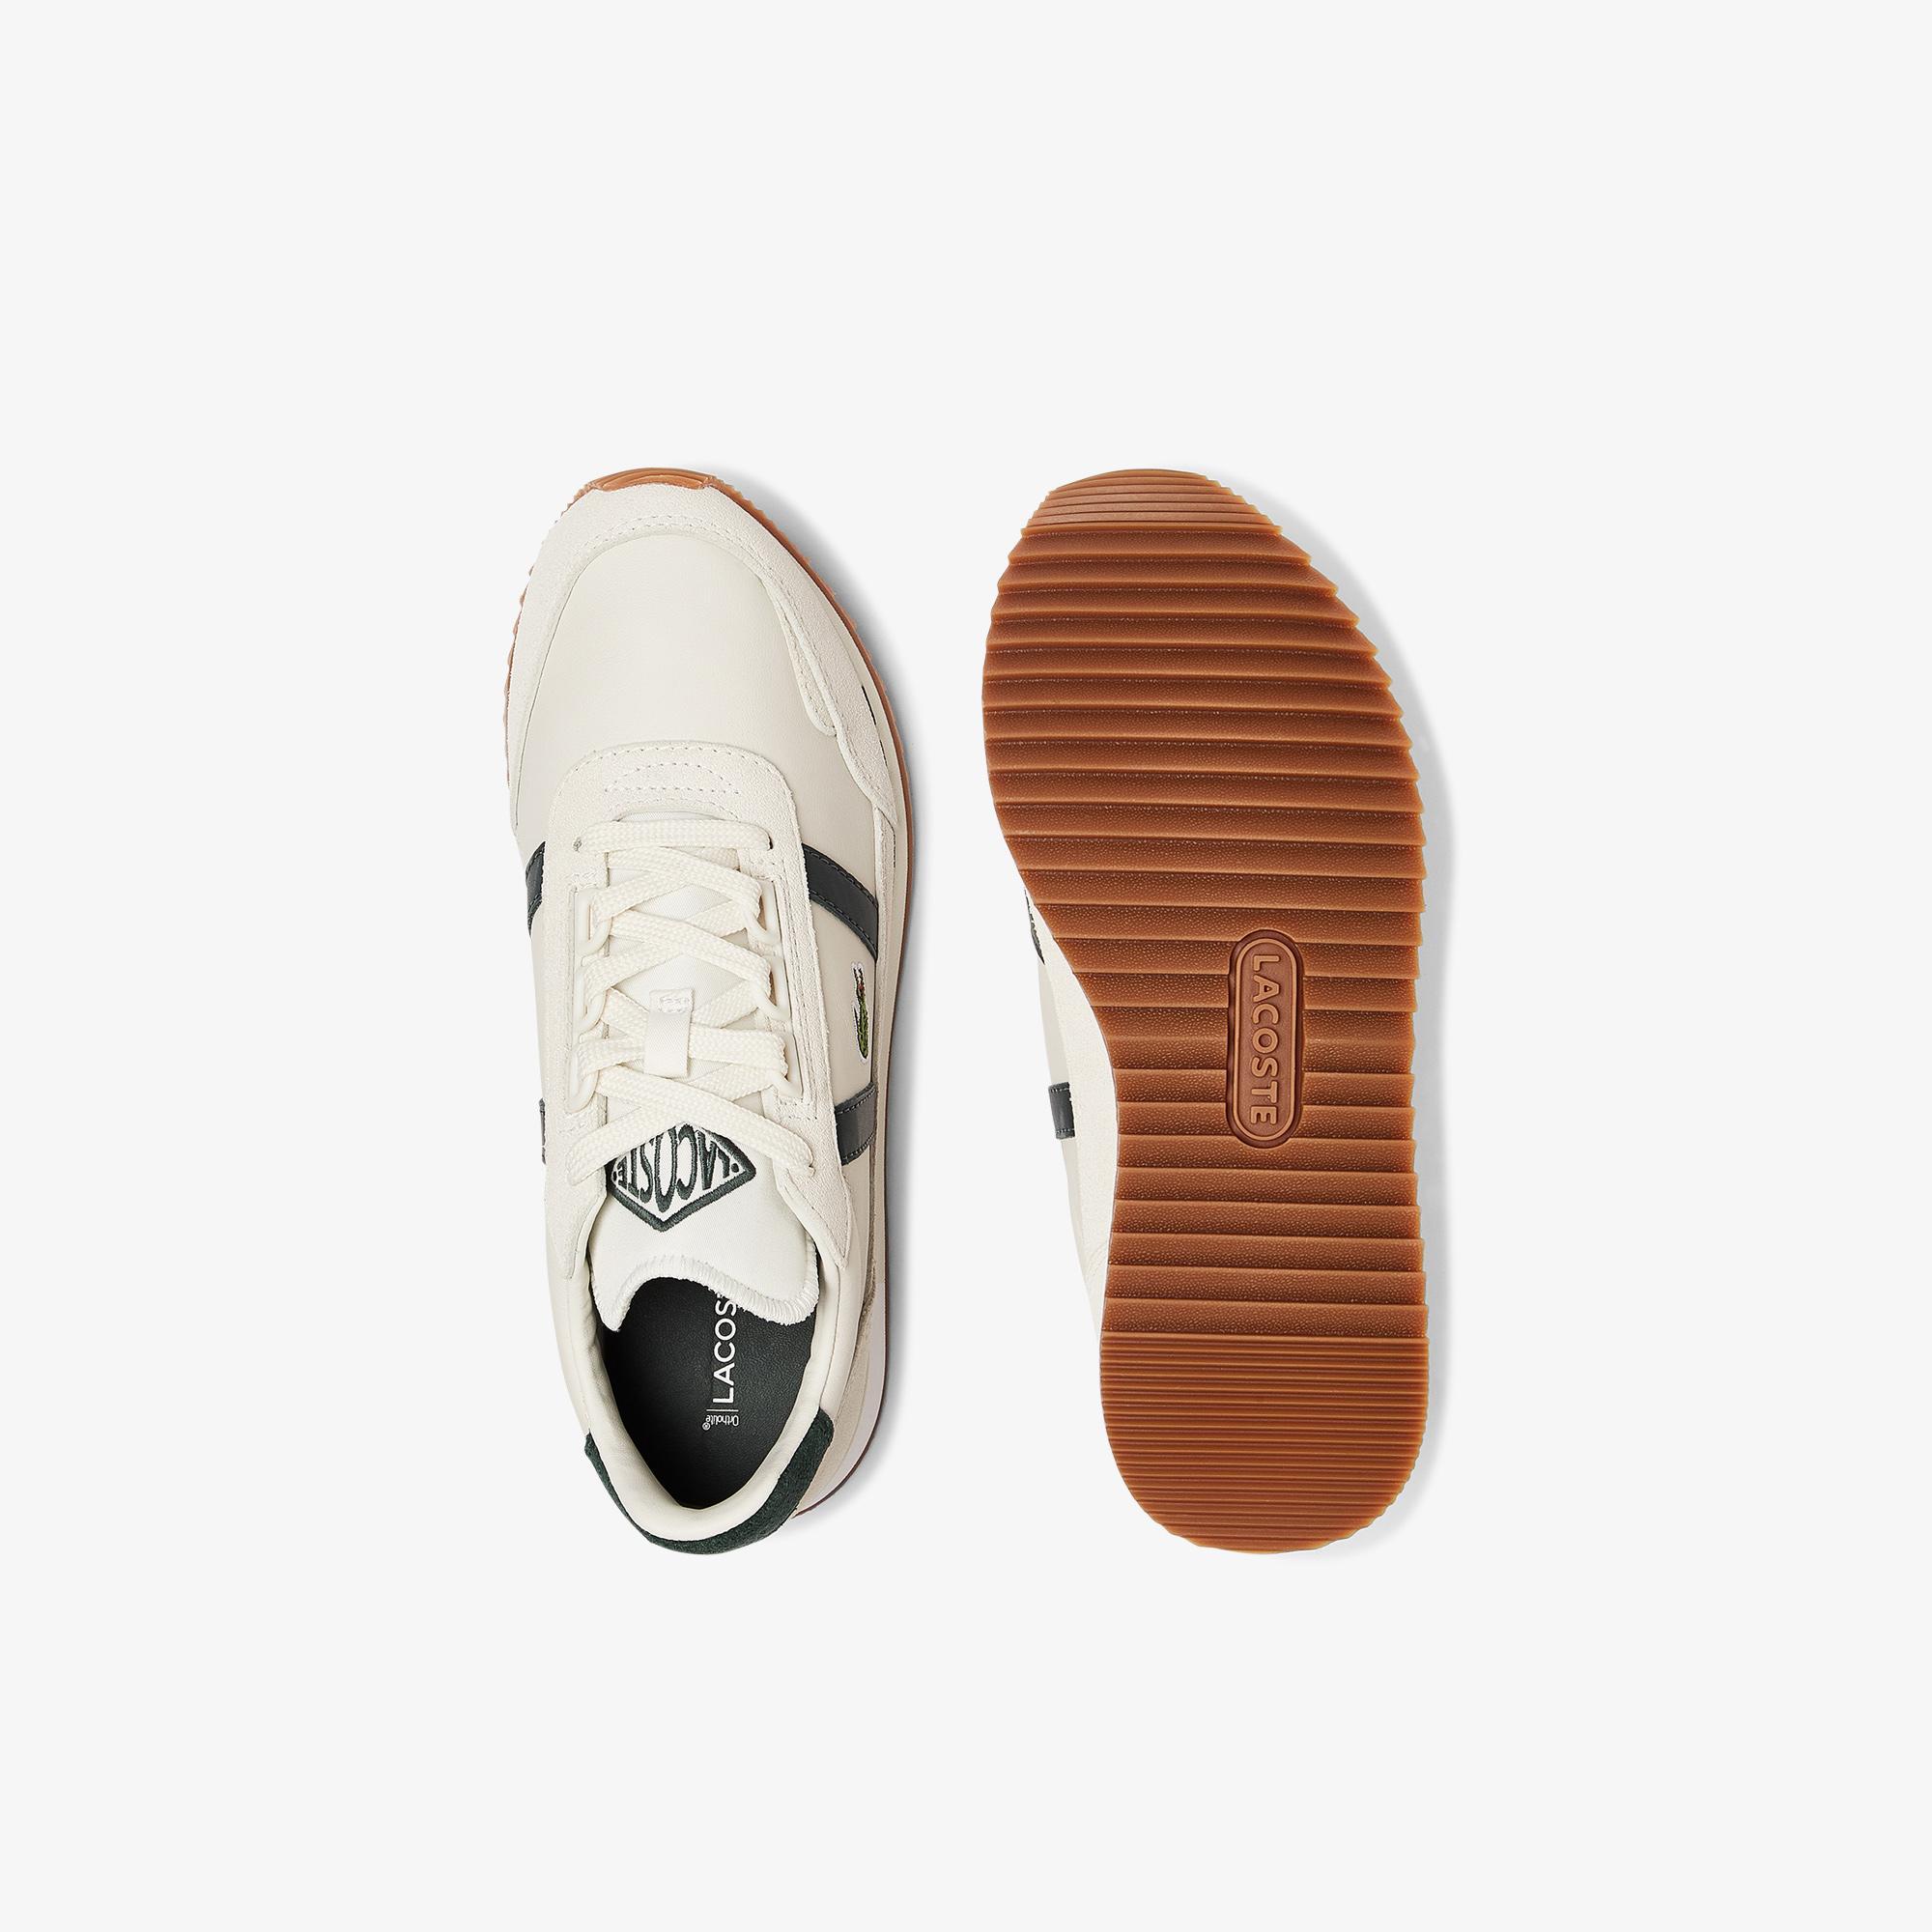 Lacoste Partner Retro 0721 1 Sfa Kadın Beyaz - Koyu Yeşil Sneaker